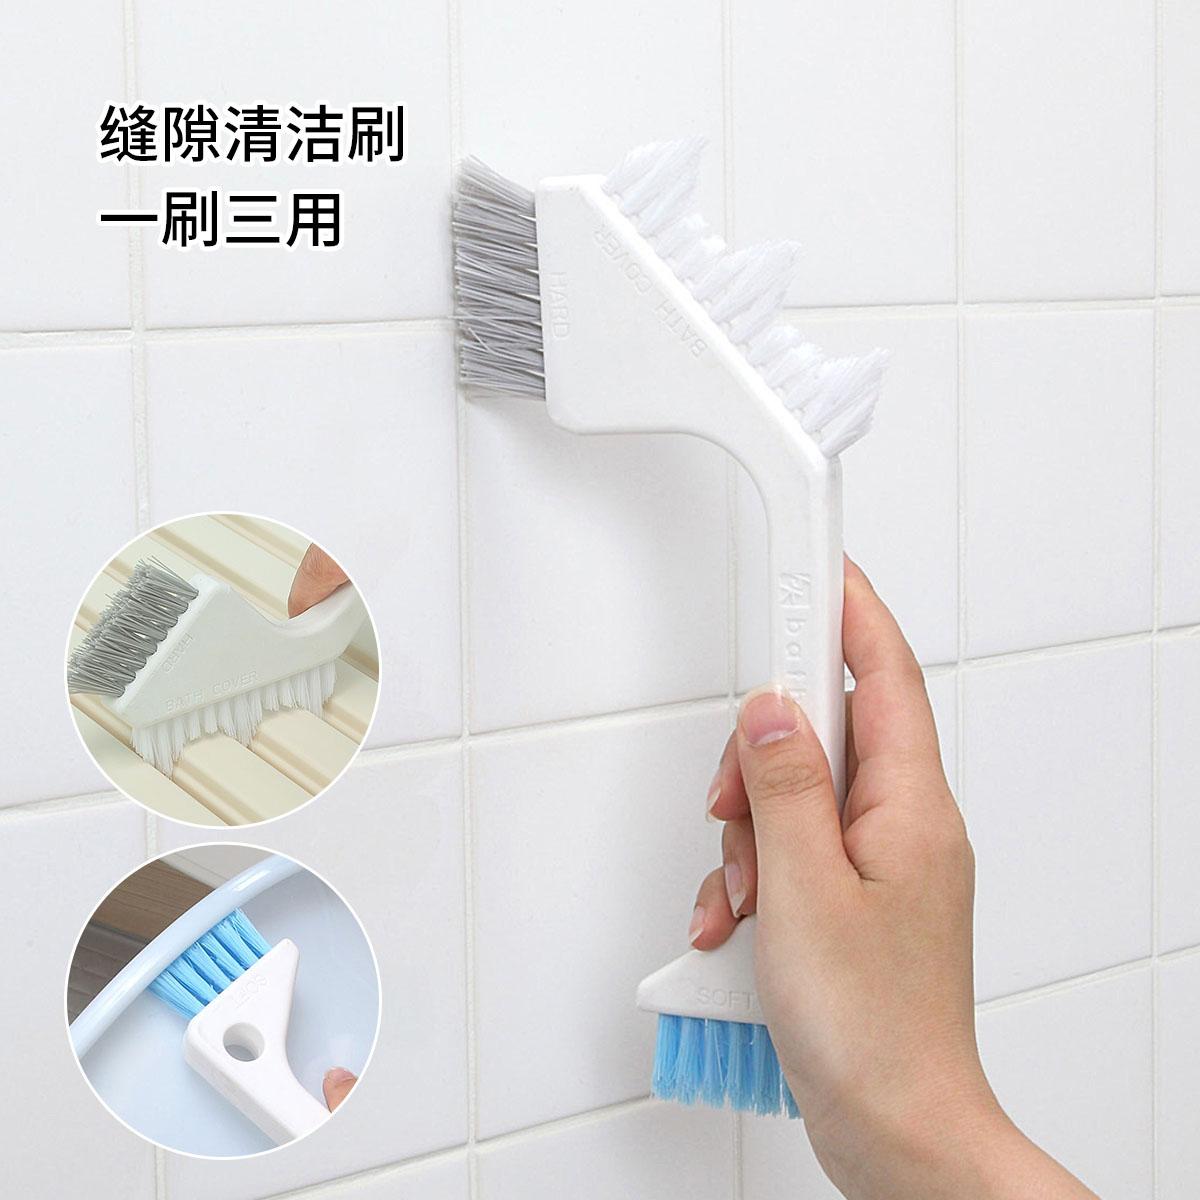 日本AISEN廚房清潔刷衛浴瓷磚刷 縫隙刷衛生間除汙垢廚房清潔刷子